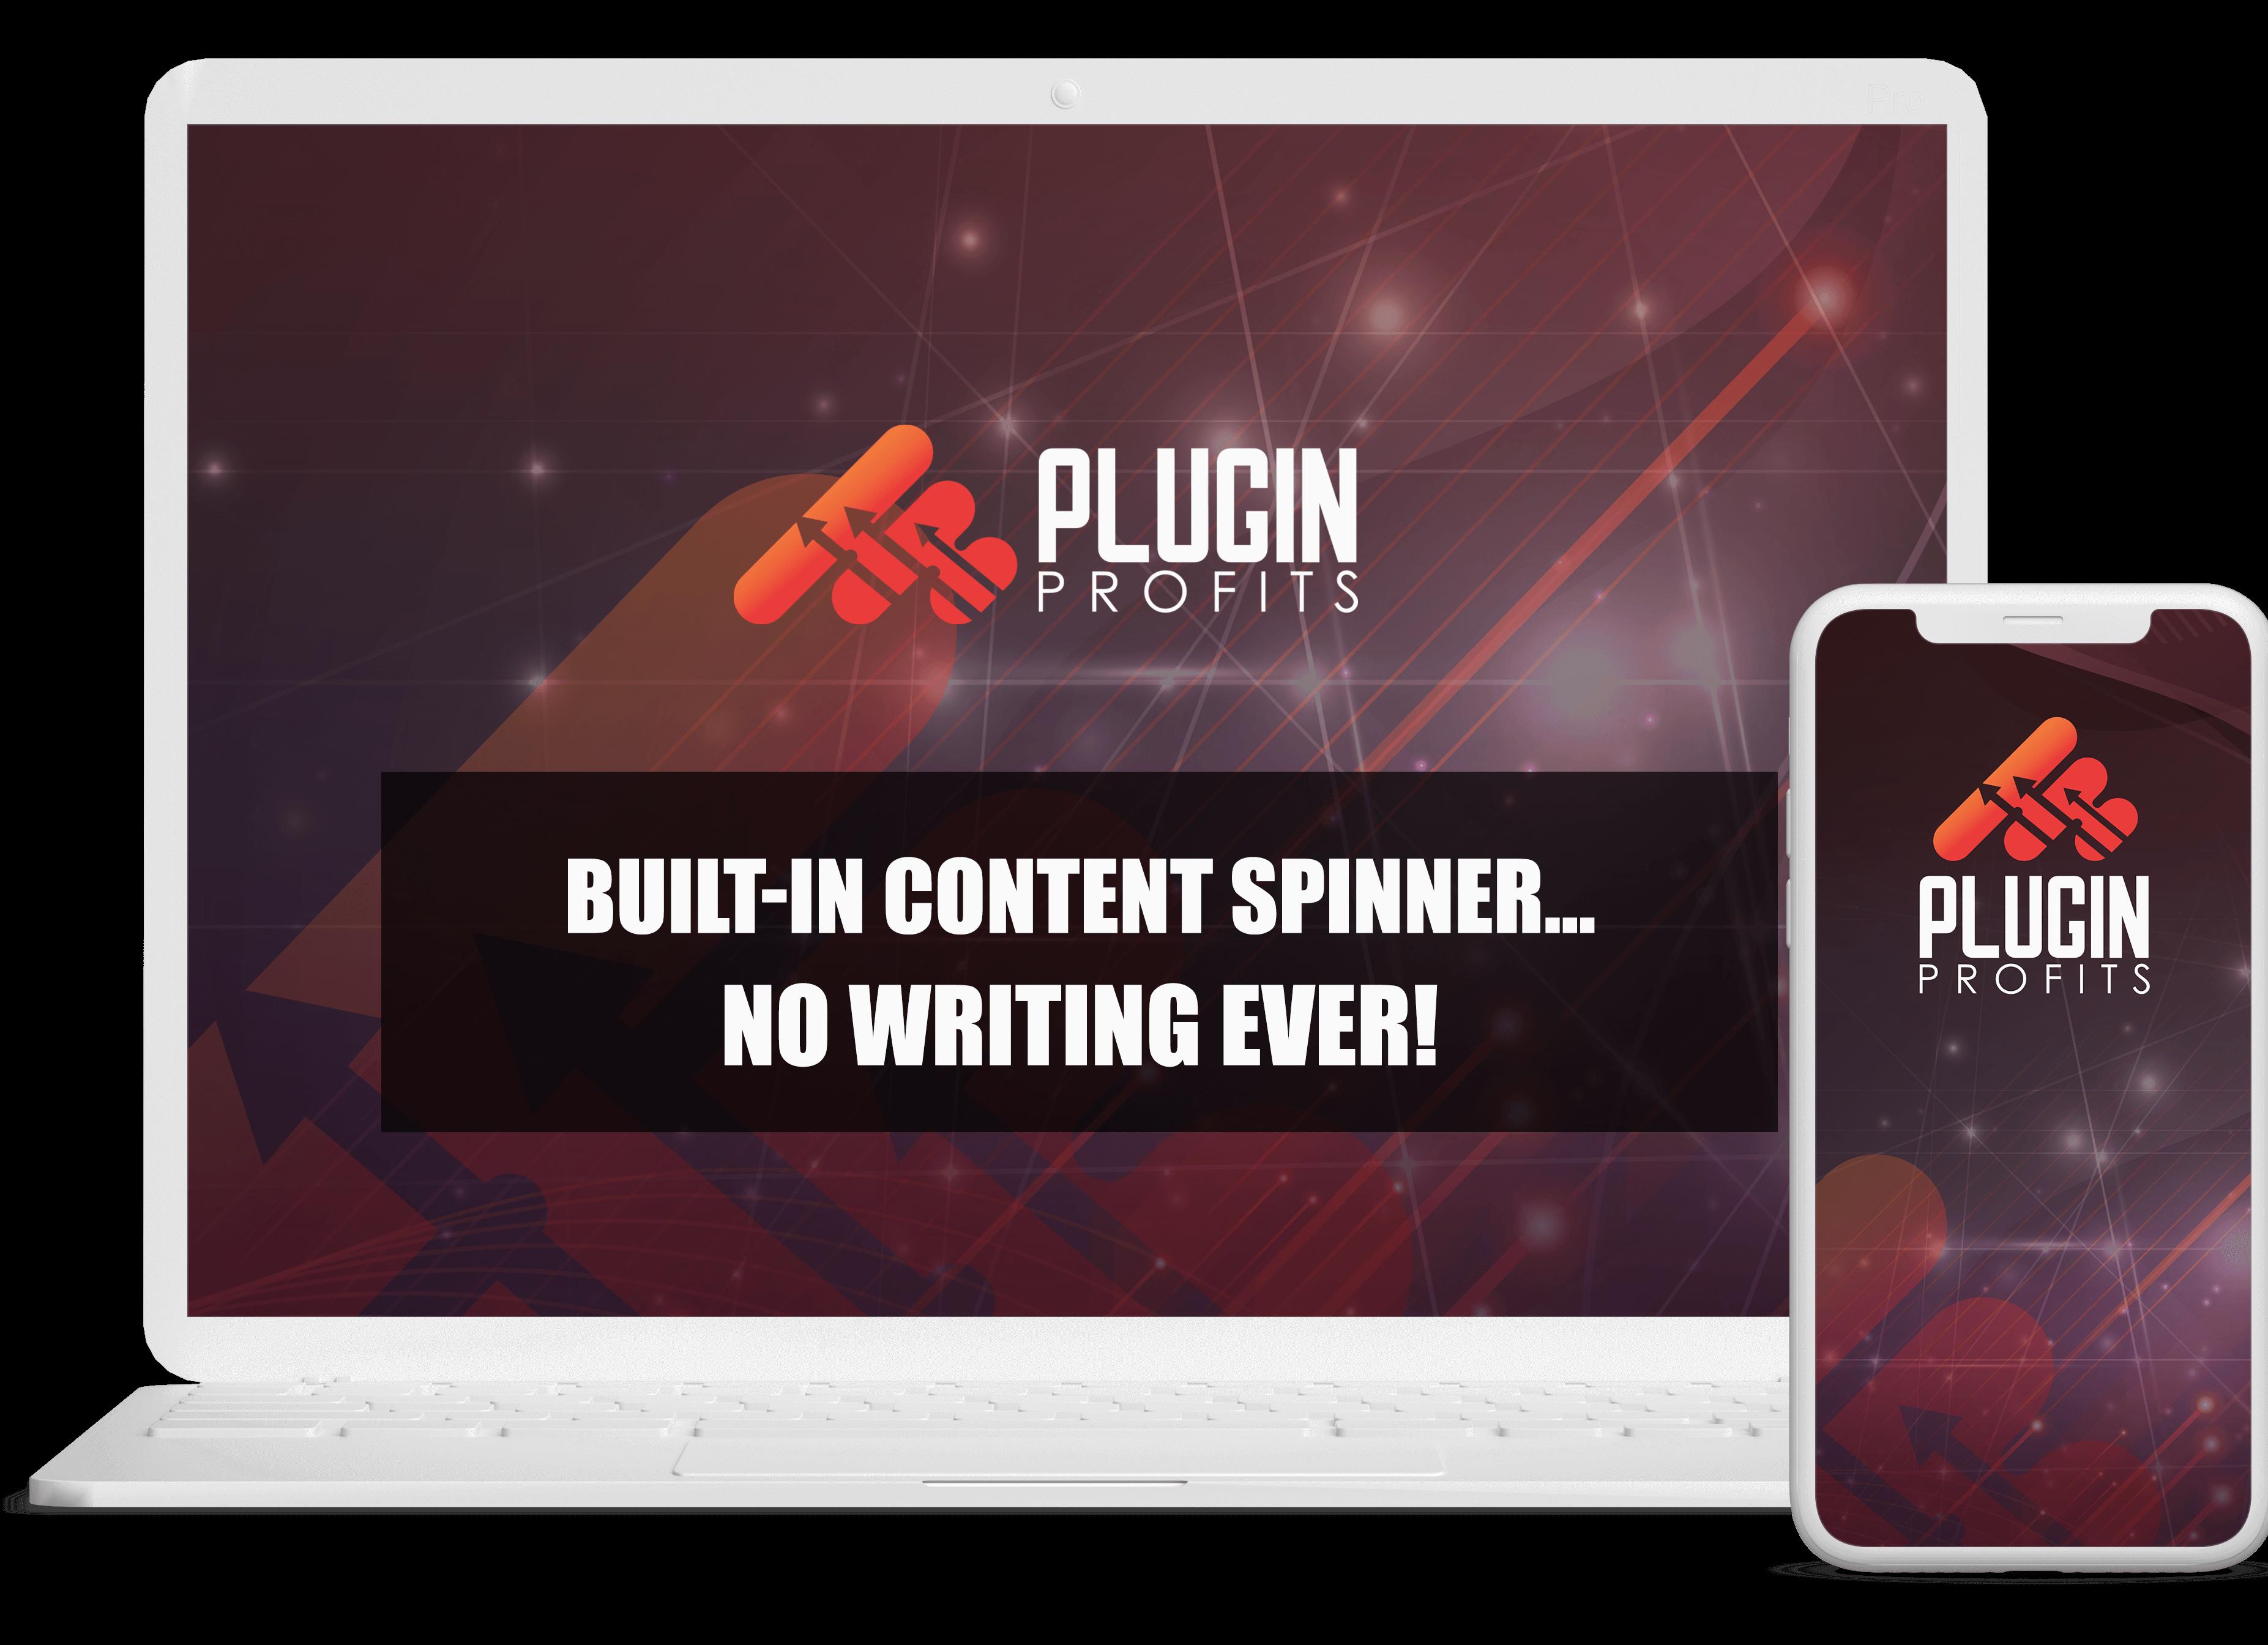 Plugin-Profits-feature-6